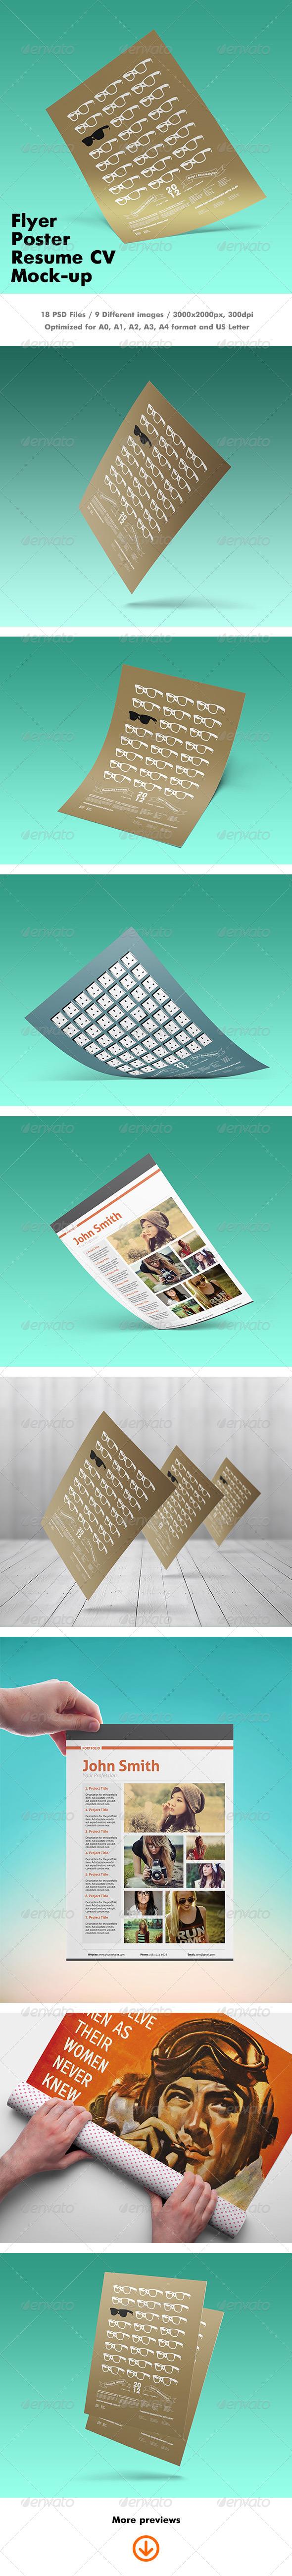 GraphicRiver Flyer Poster Resume CV Mock-up 7129821